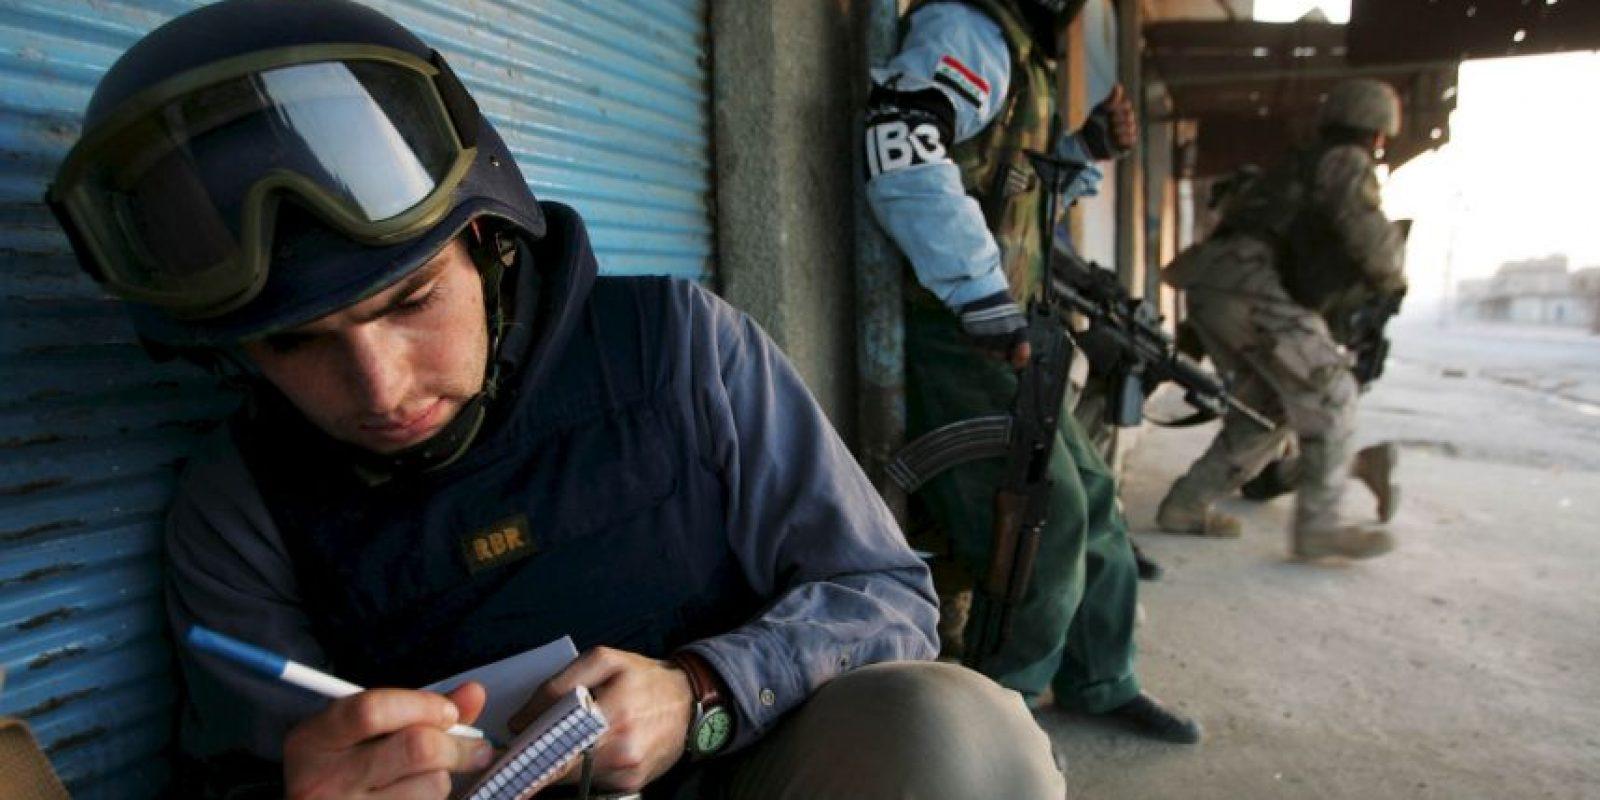 Posterior al derrocamiento de Saddam Hussein, se presentó la nueva Constitución en el país, que tenía como objetivo reforzar los aspectos referentes a la identidad árabe, además de reafirmar el derecho al agua, la adhesión a los tratados internacionales y las atribuciones de sus mandatarios. Foto:Getty Images